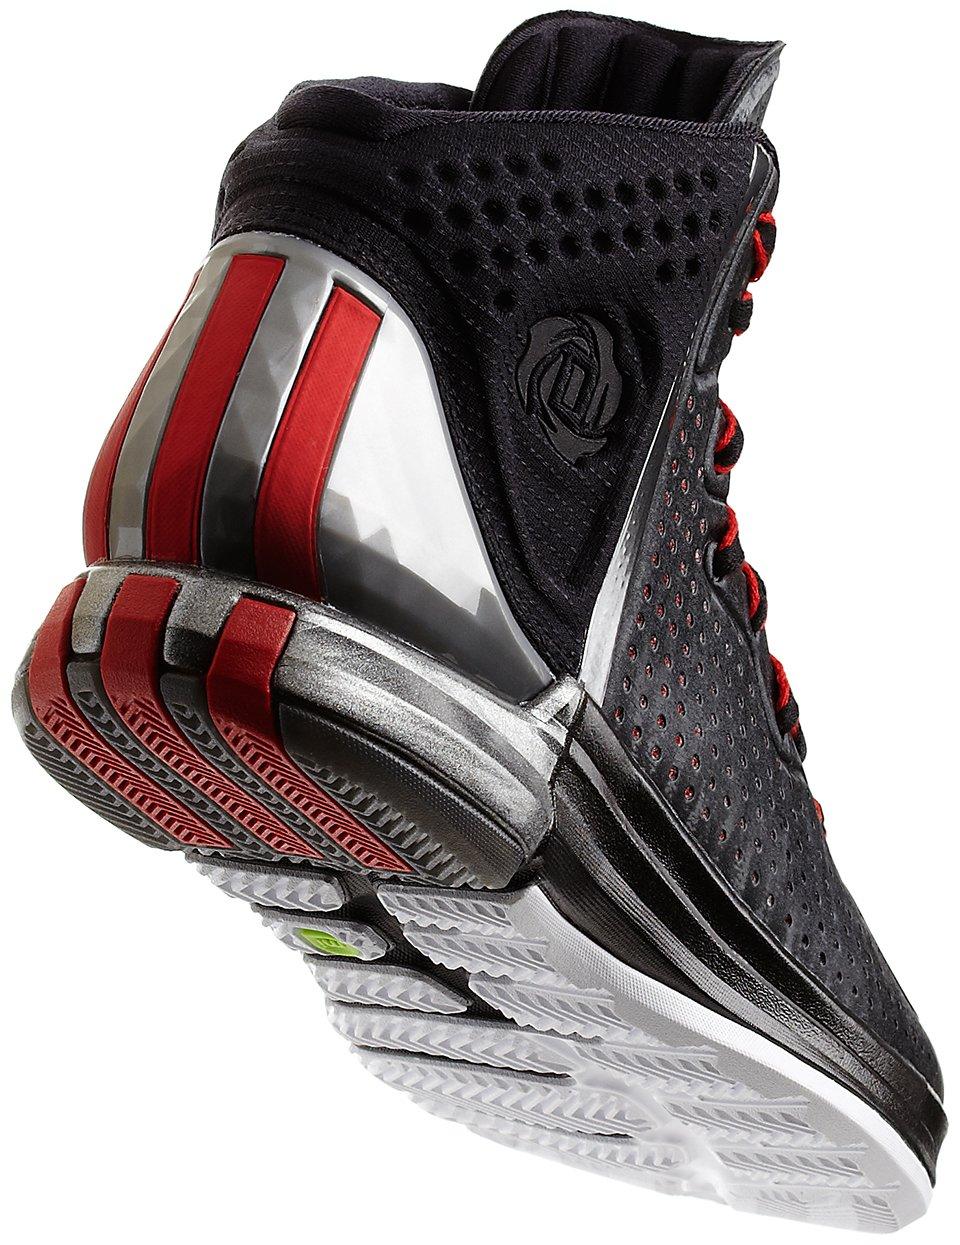 Adidas D Rose 4